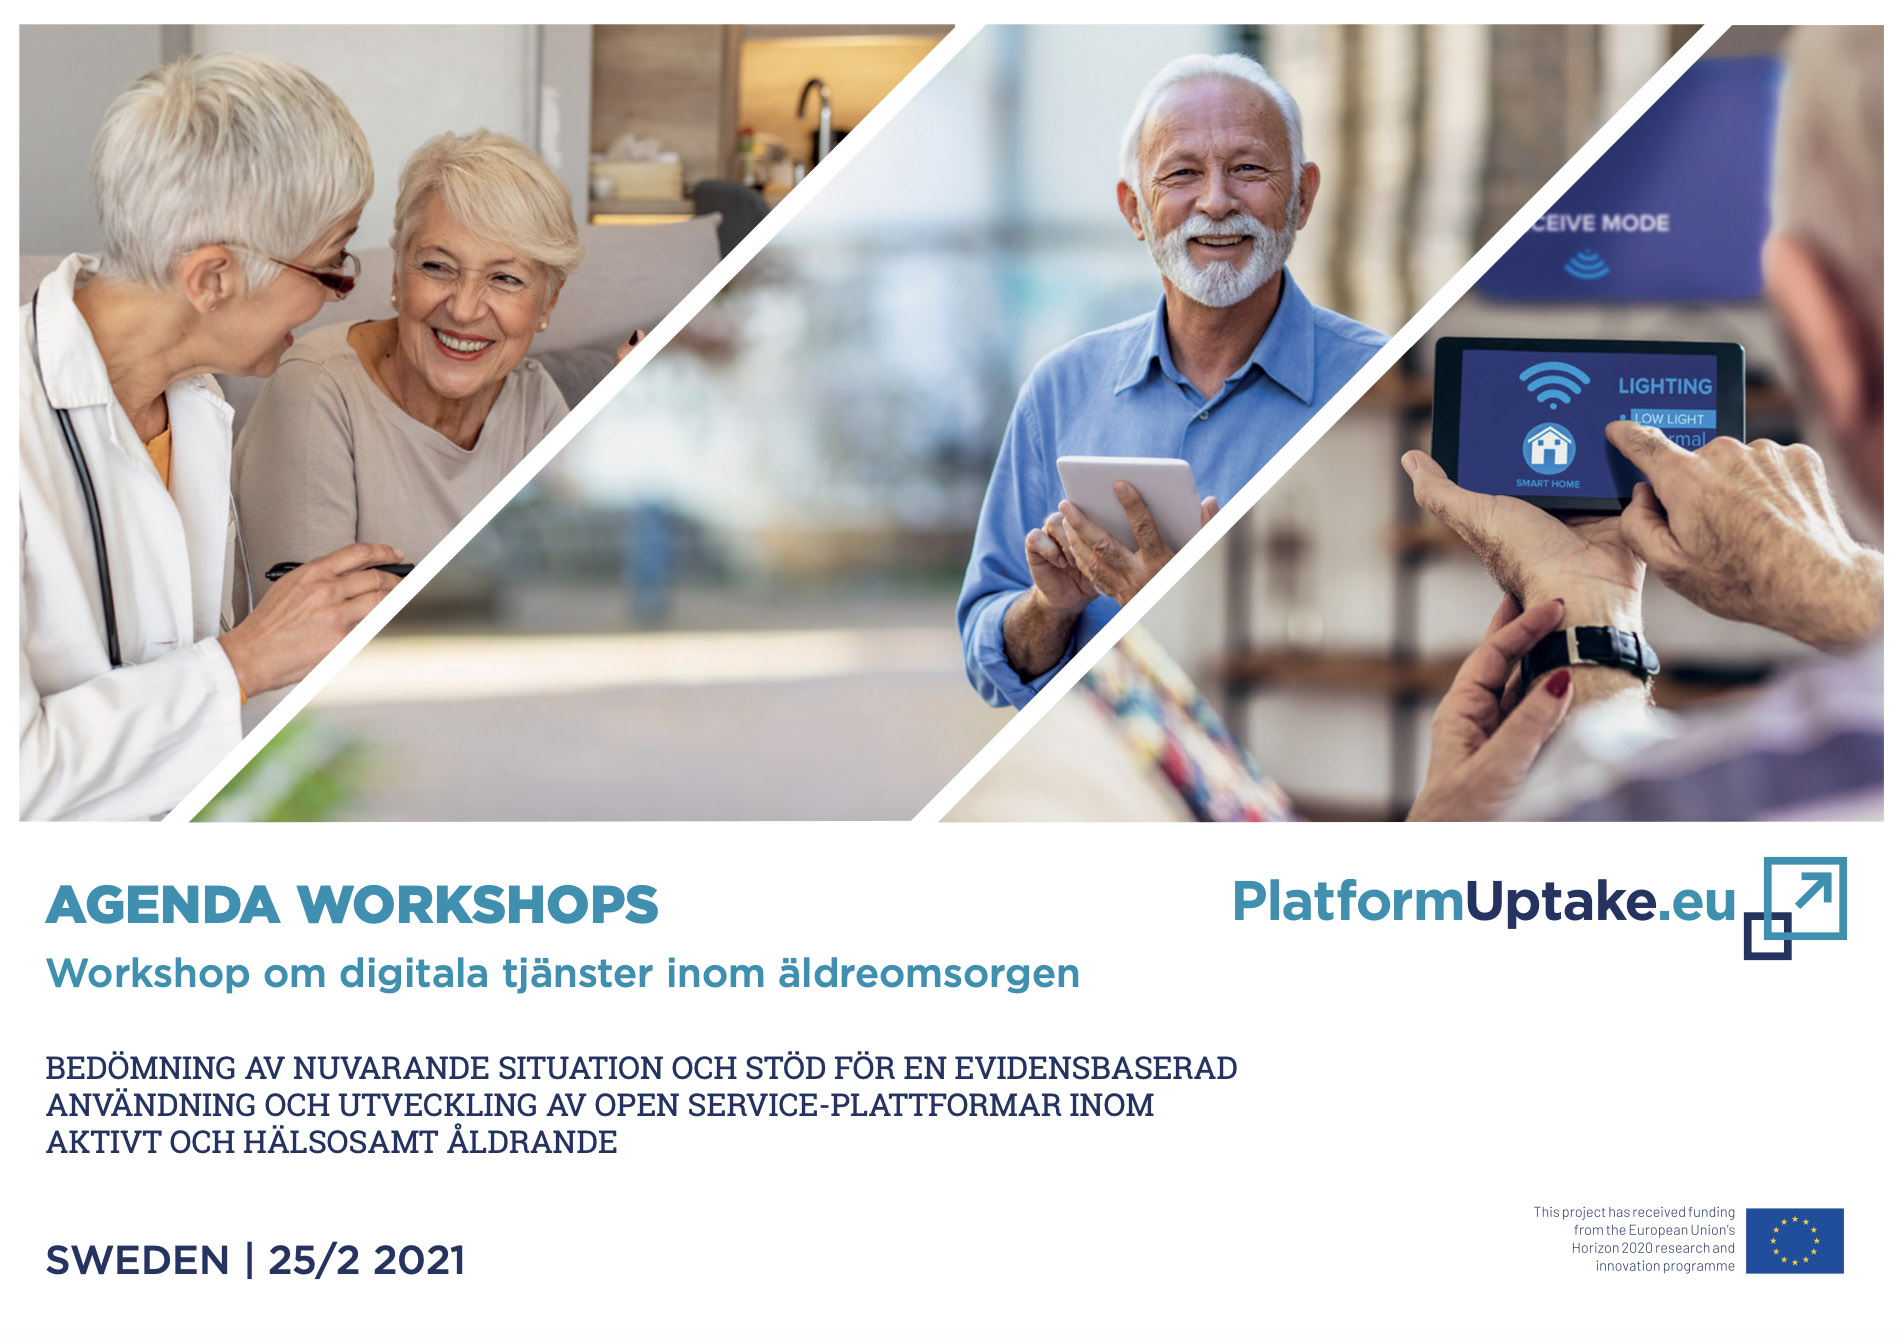 workshop om digitala tjänster inom äldreomsorgen